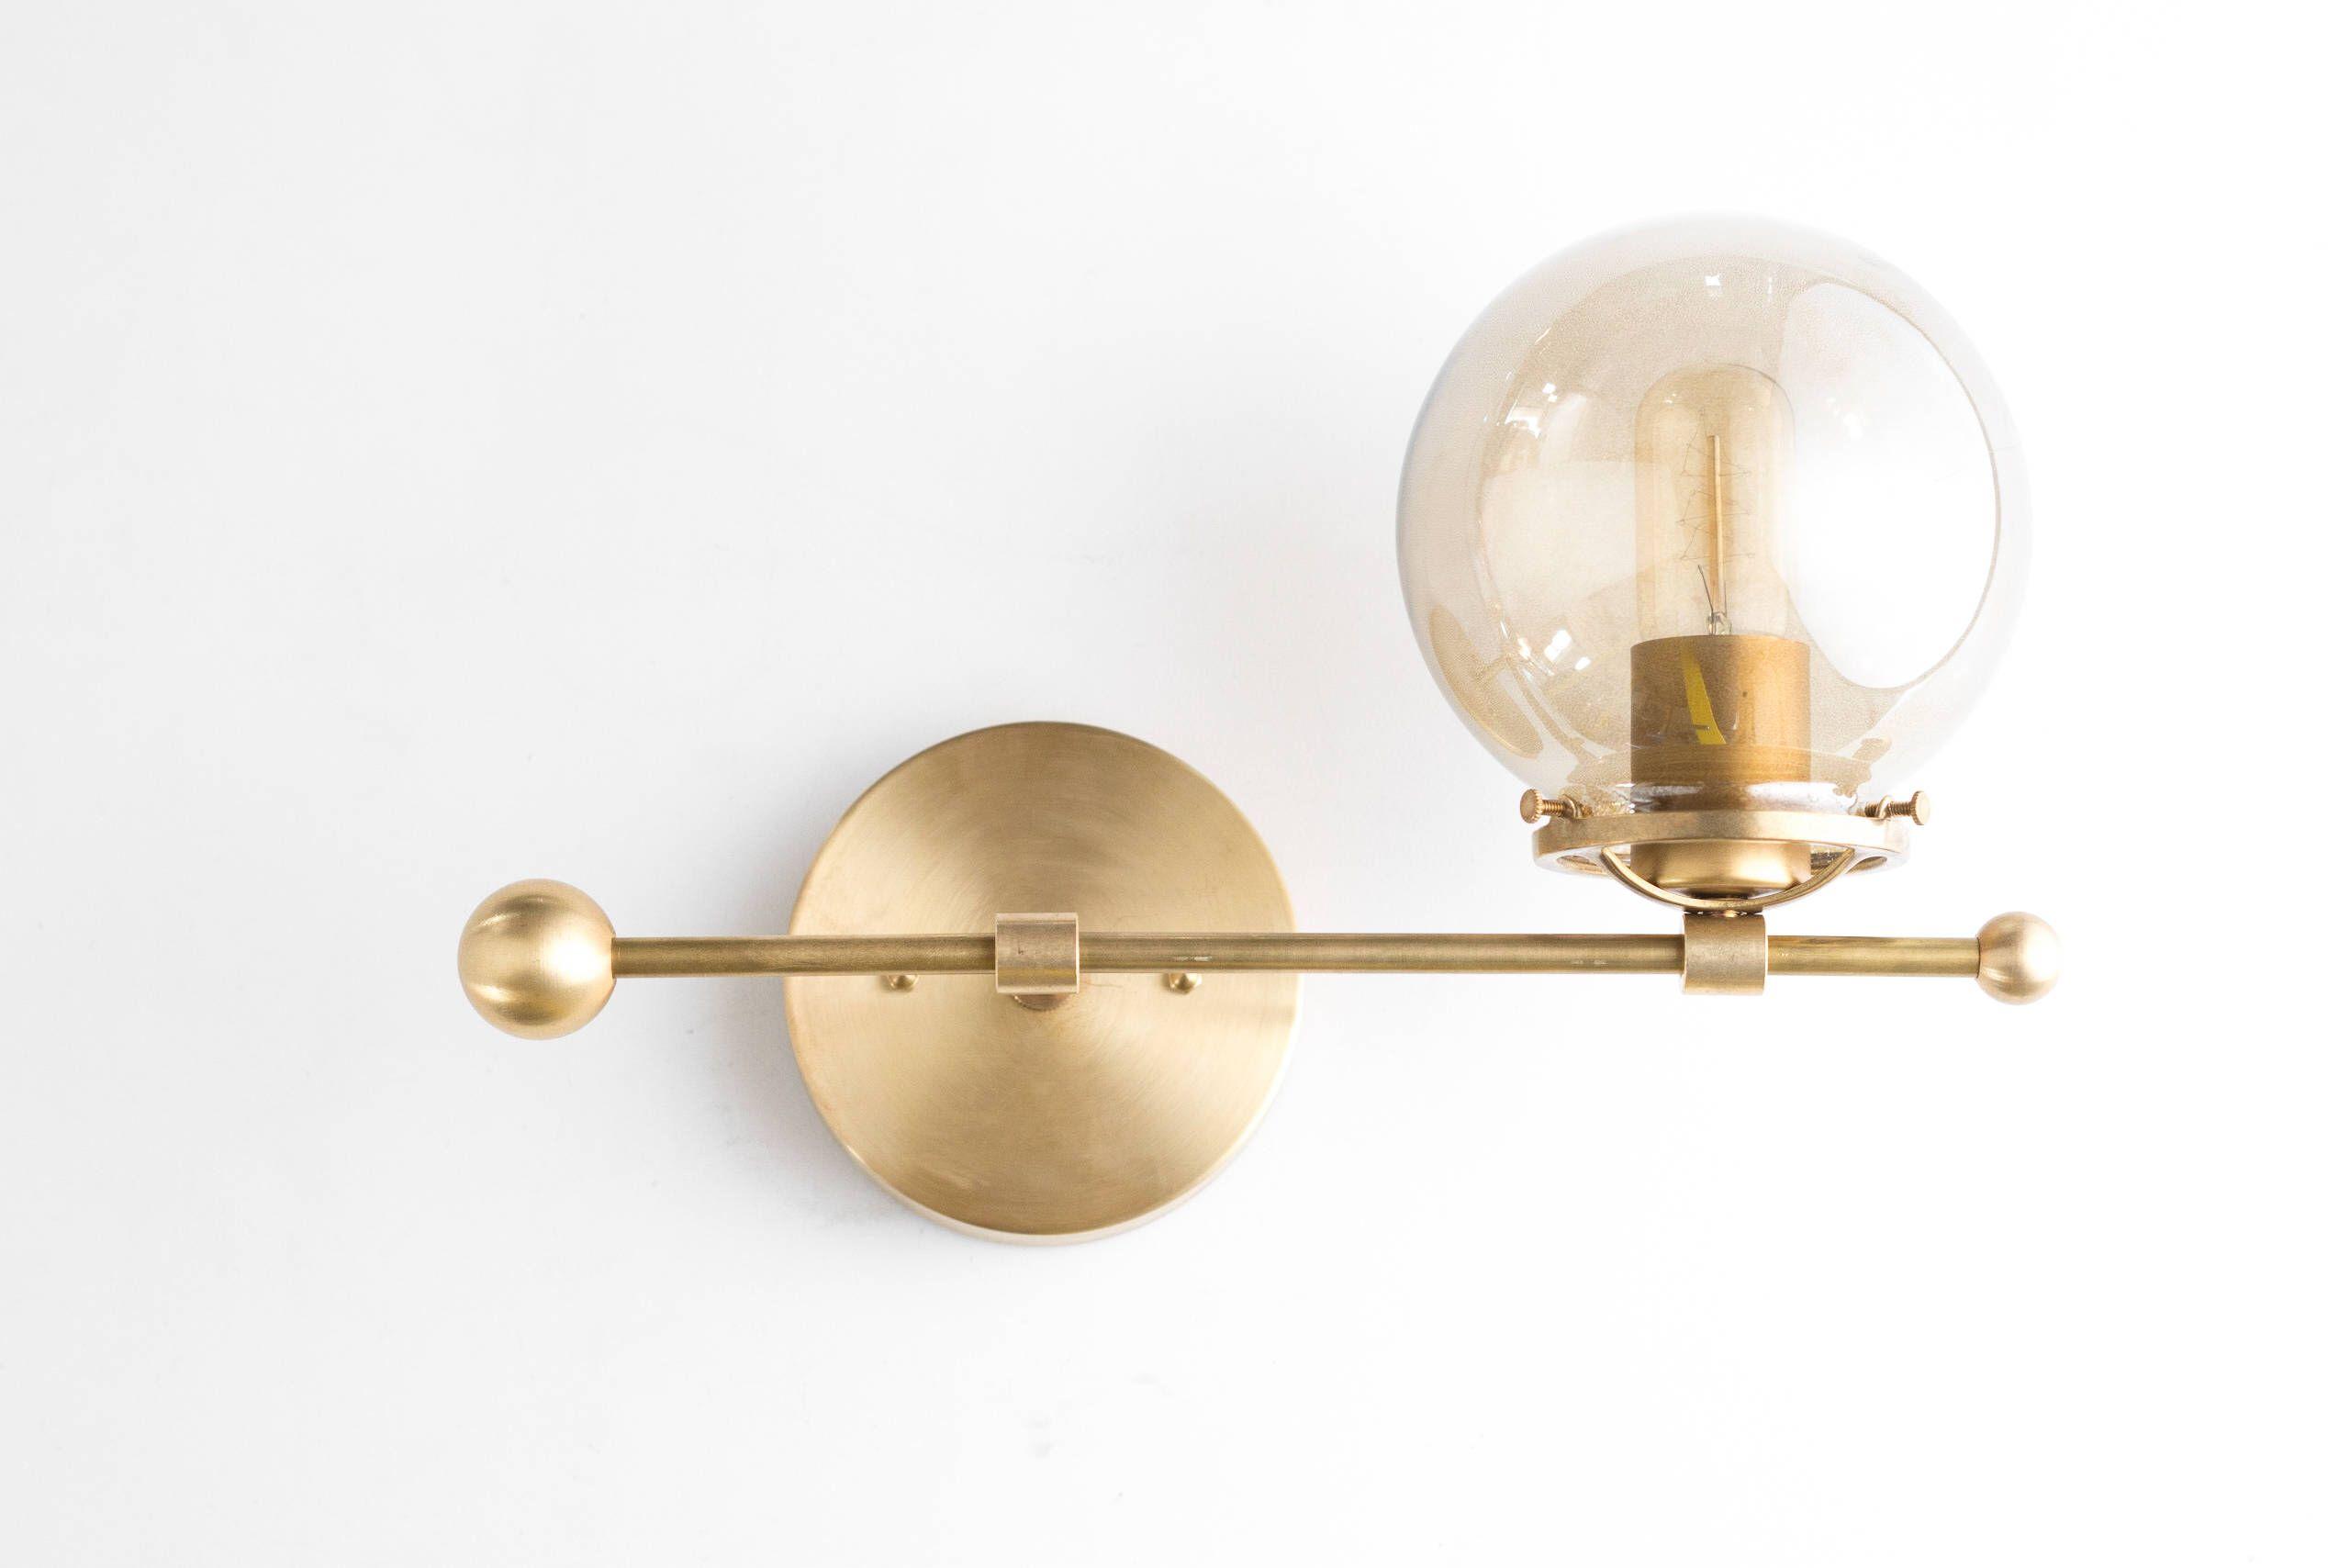 art aplique wall lampara gold old envejecido oro productos faro lamp en